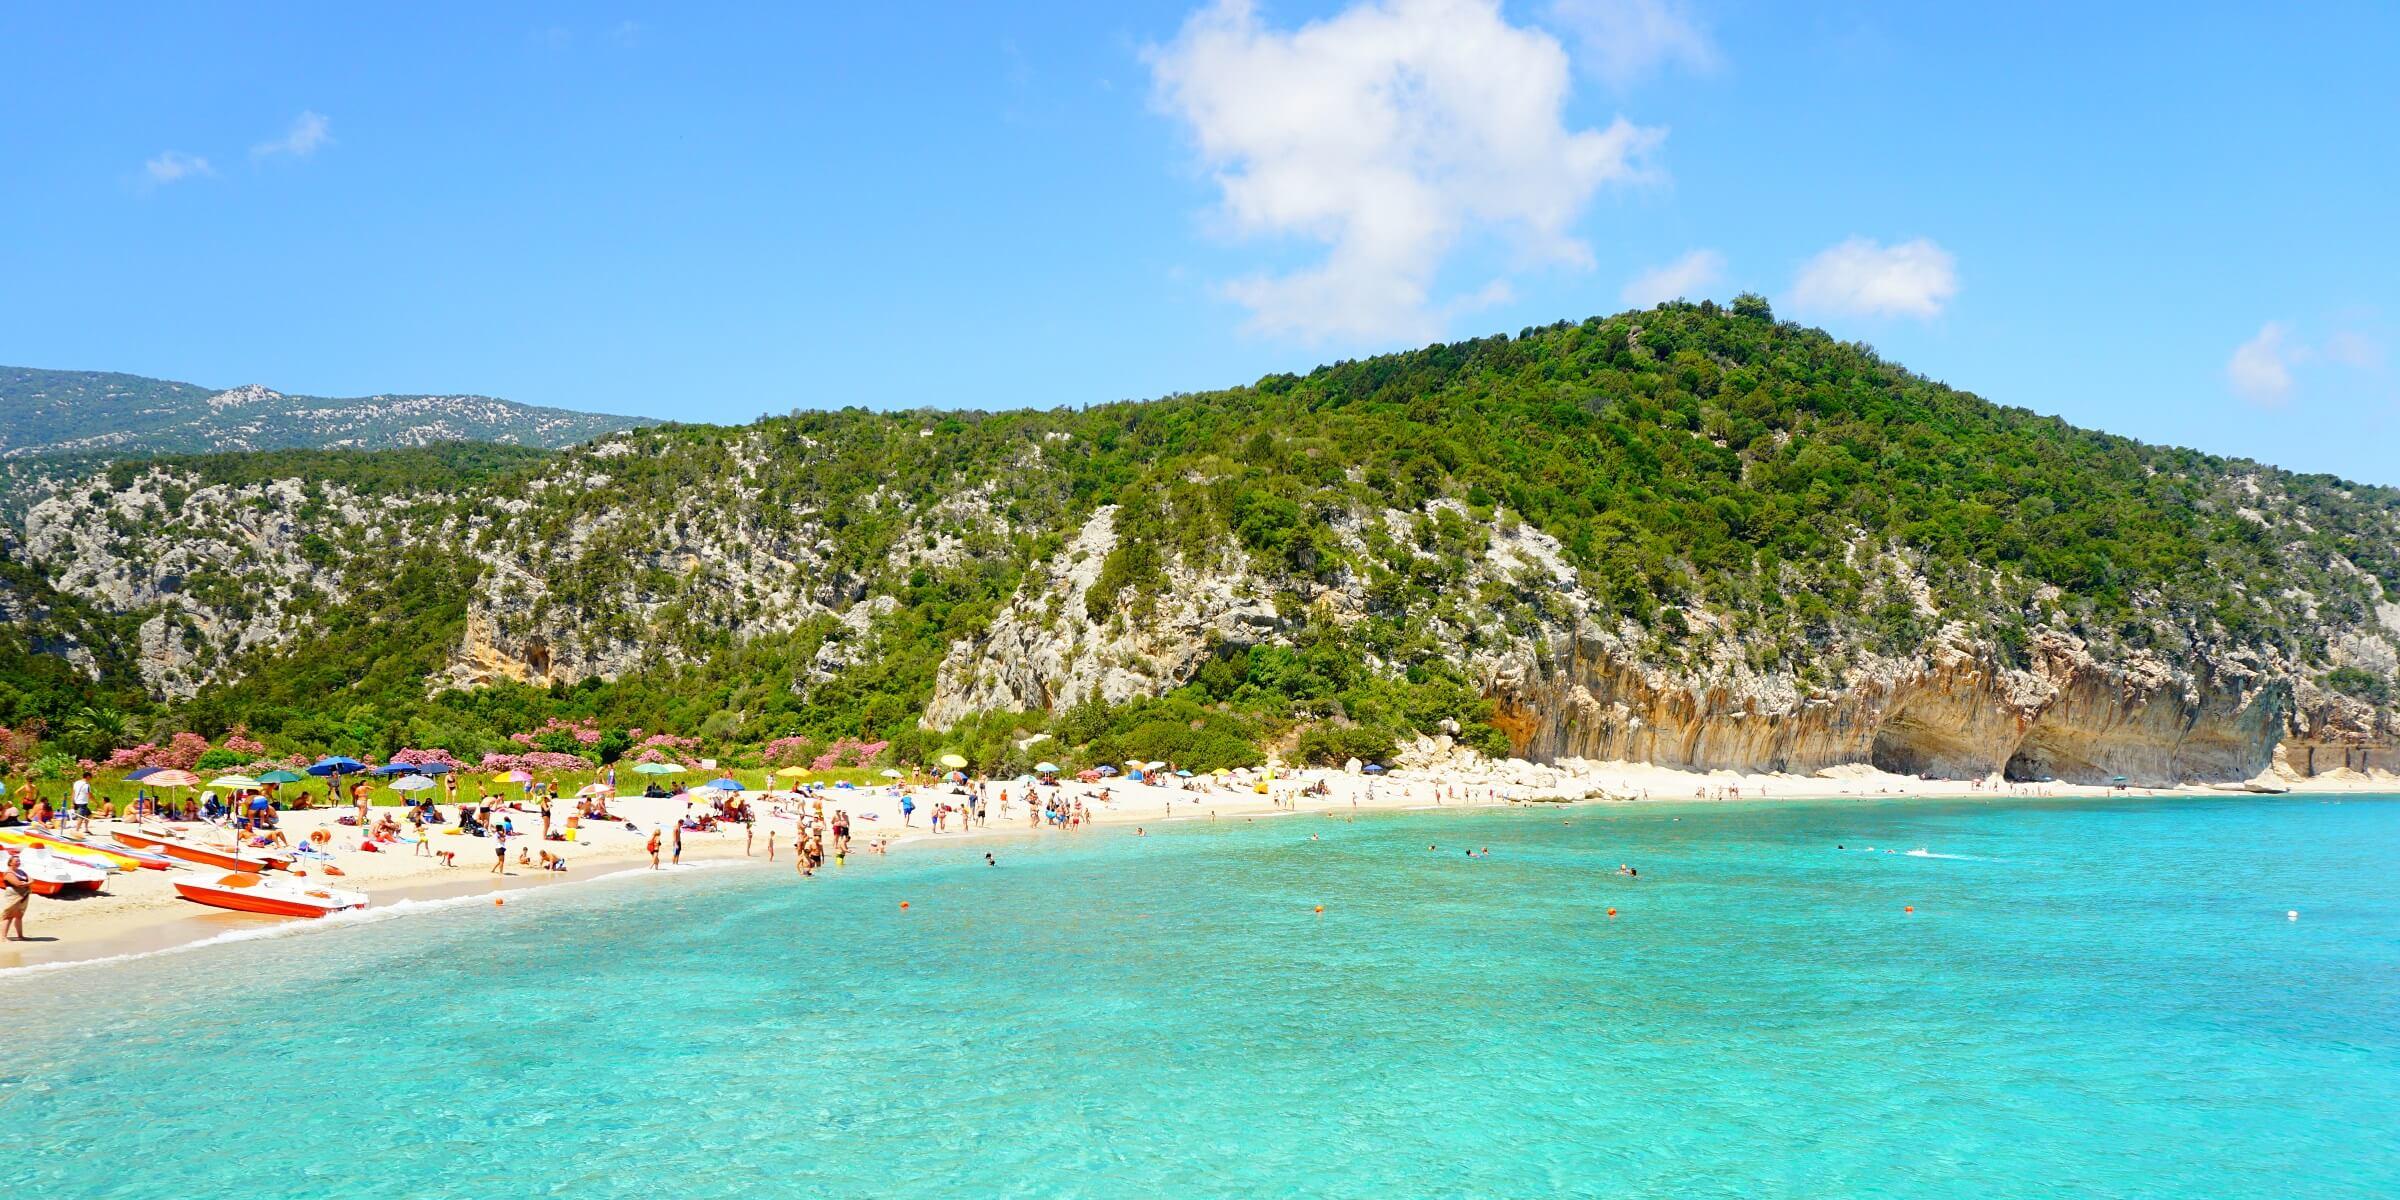 In den Badebuchten von Sardinien können Sie entspannen und das Erlebte Revue passieren lassen